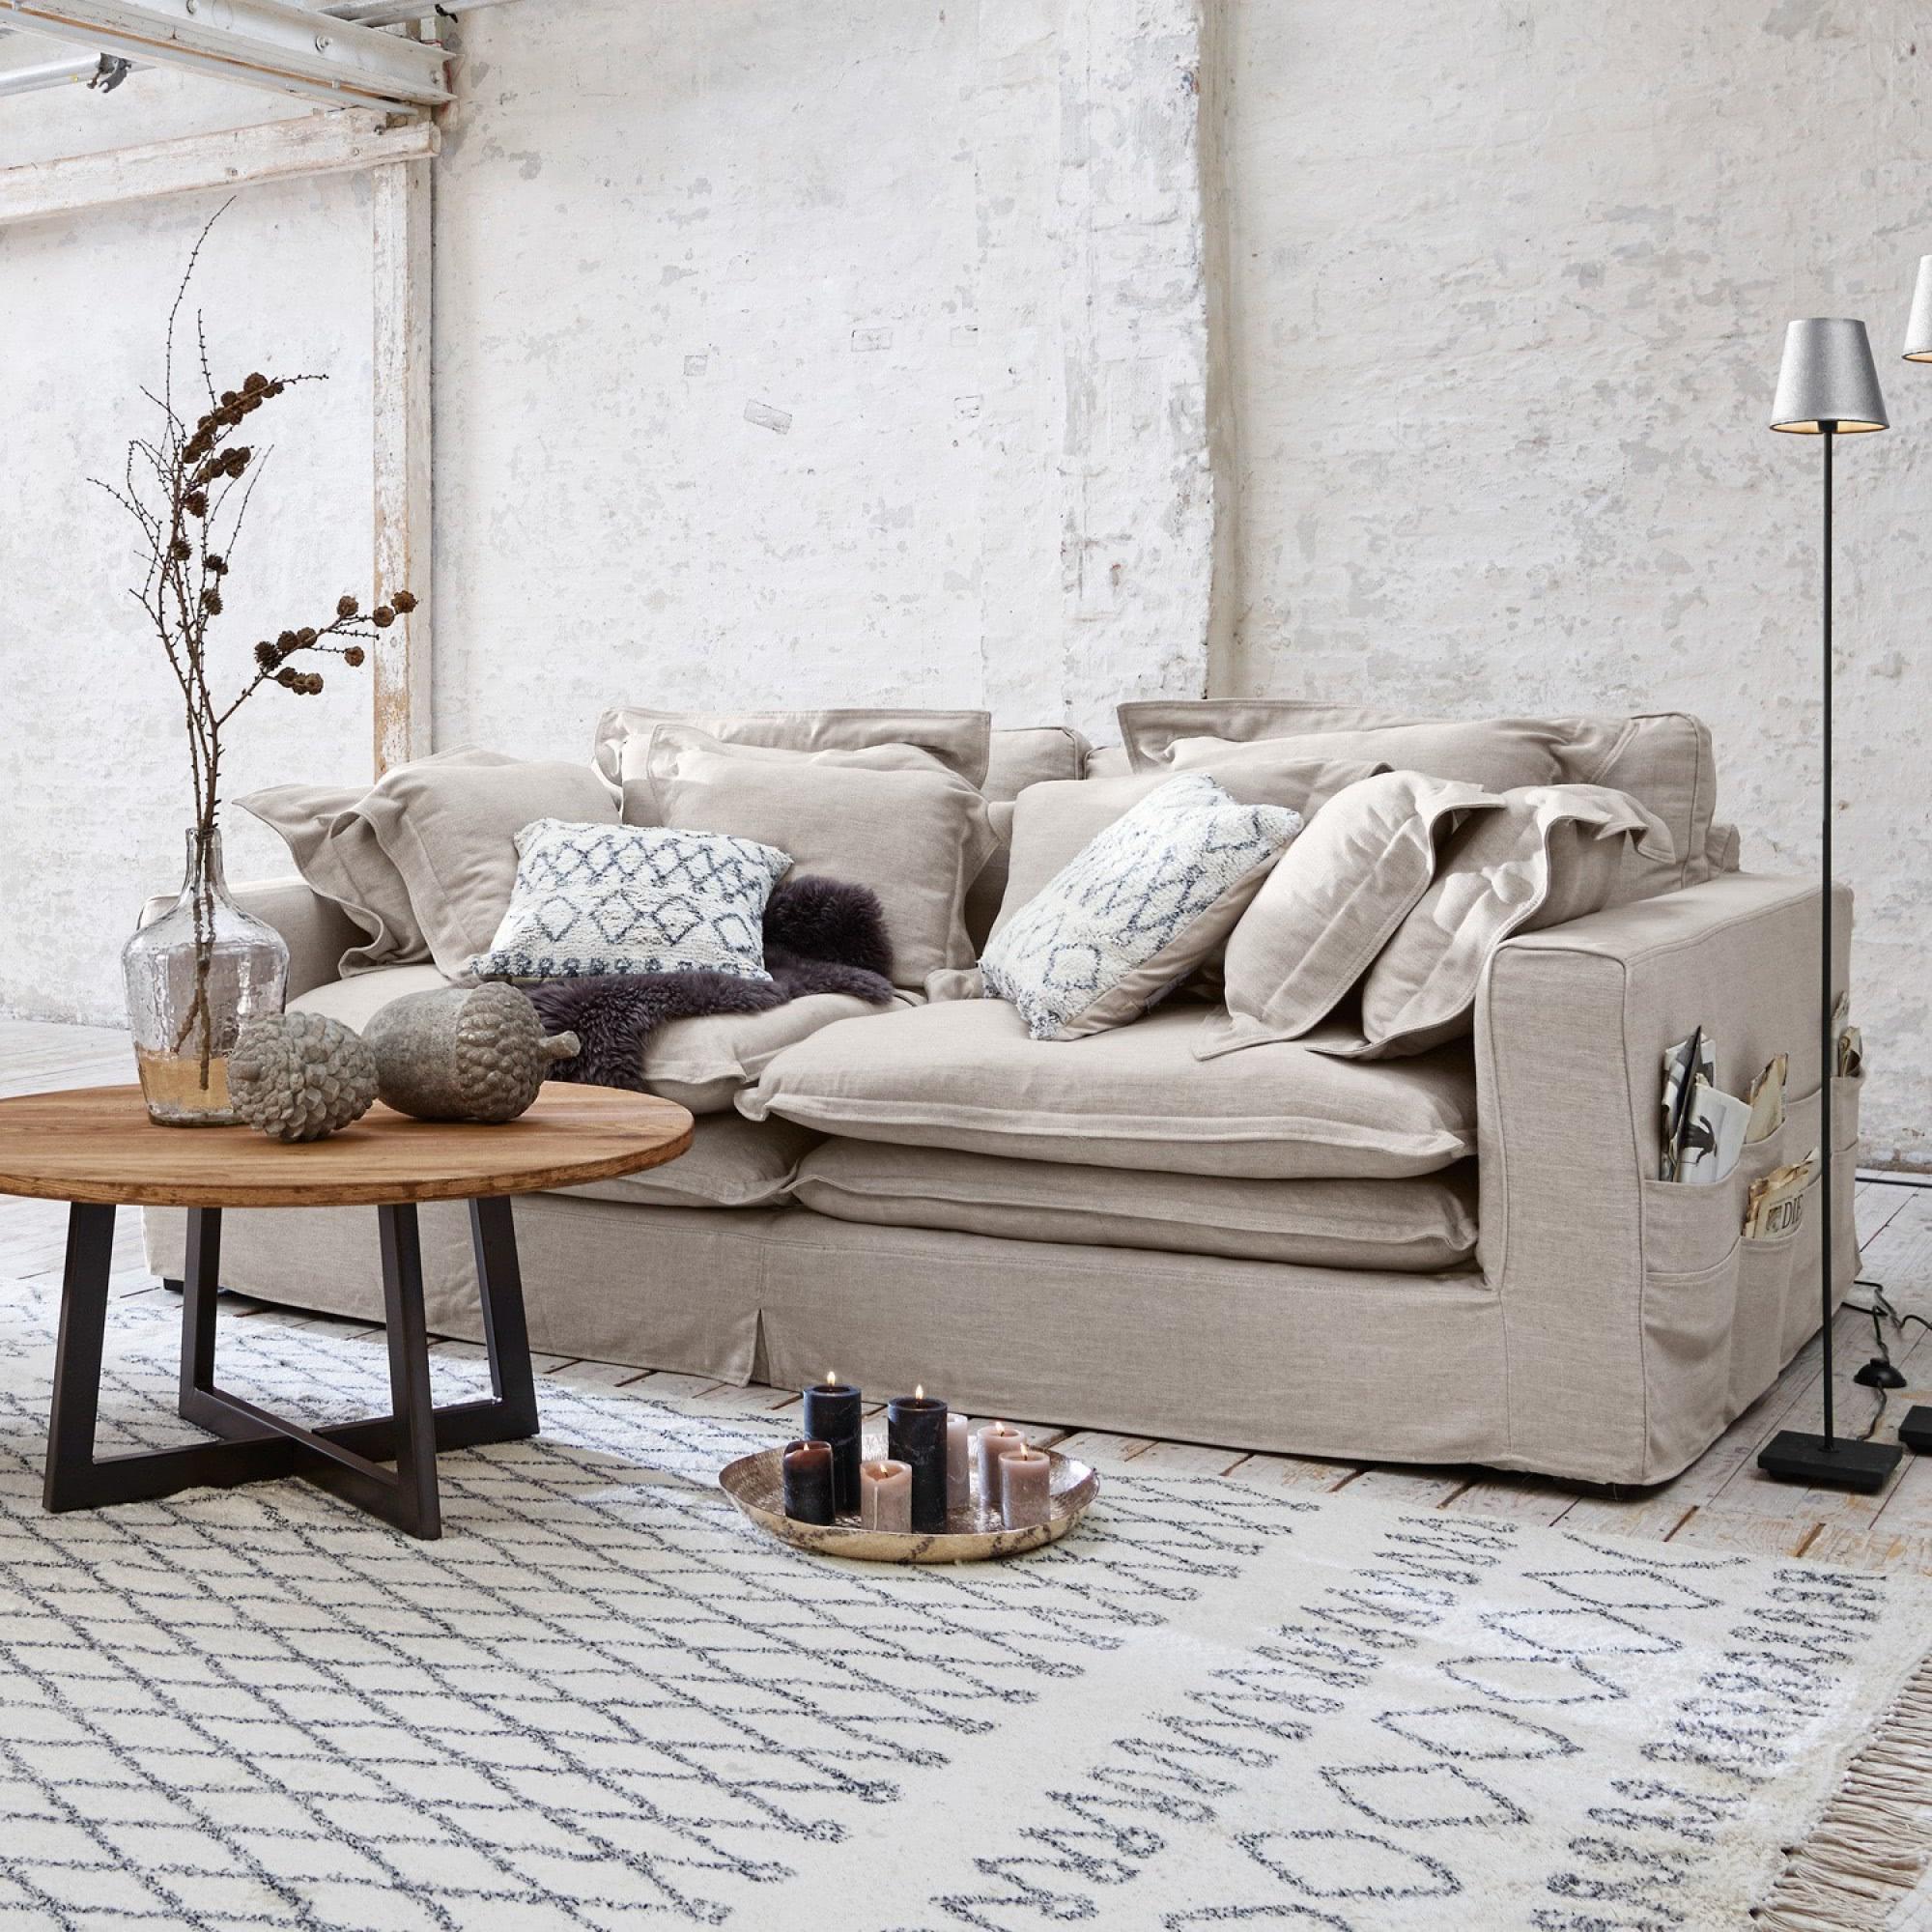 sofa terrell loberon coming home. Black Bedroom Furniture Sets. Home Design Ideas